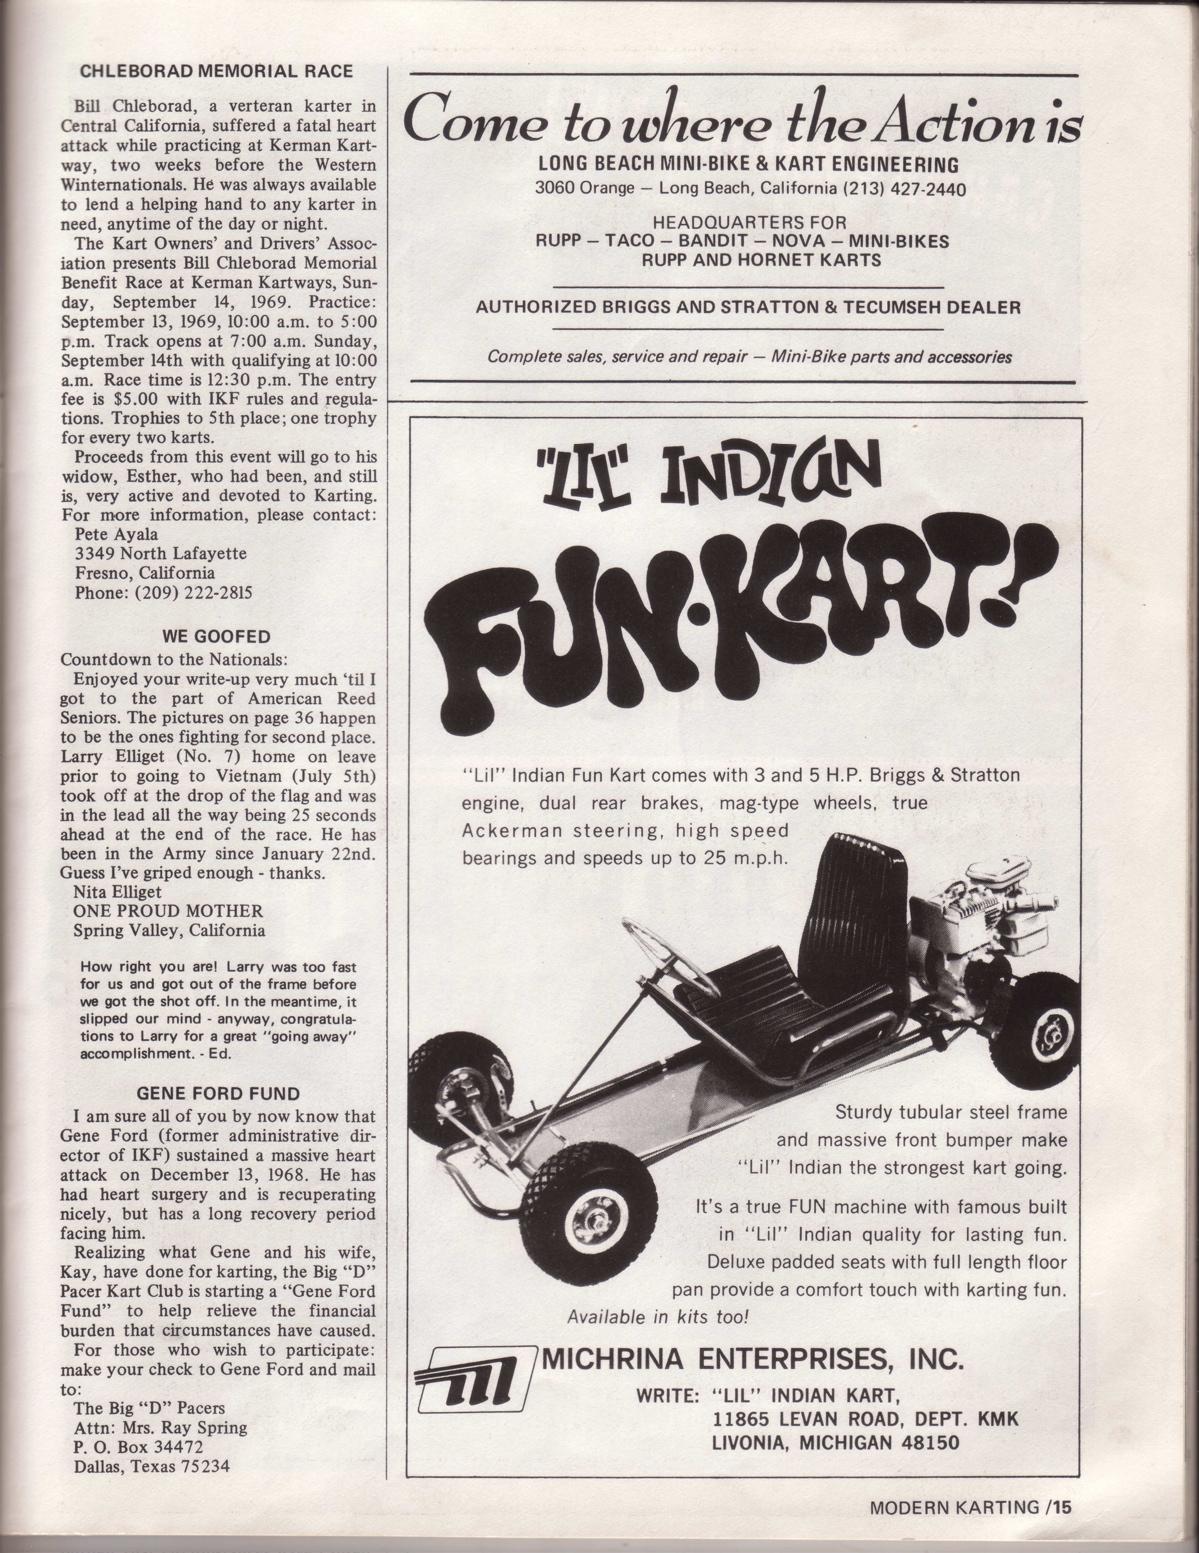 Lost Enduros: Modern Karting September 1969